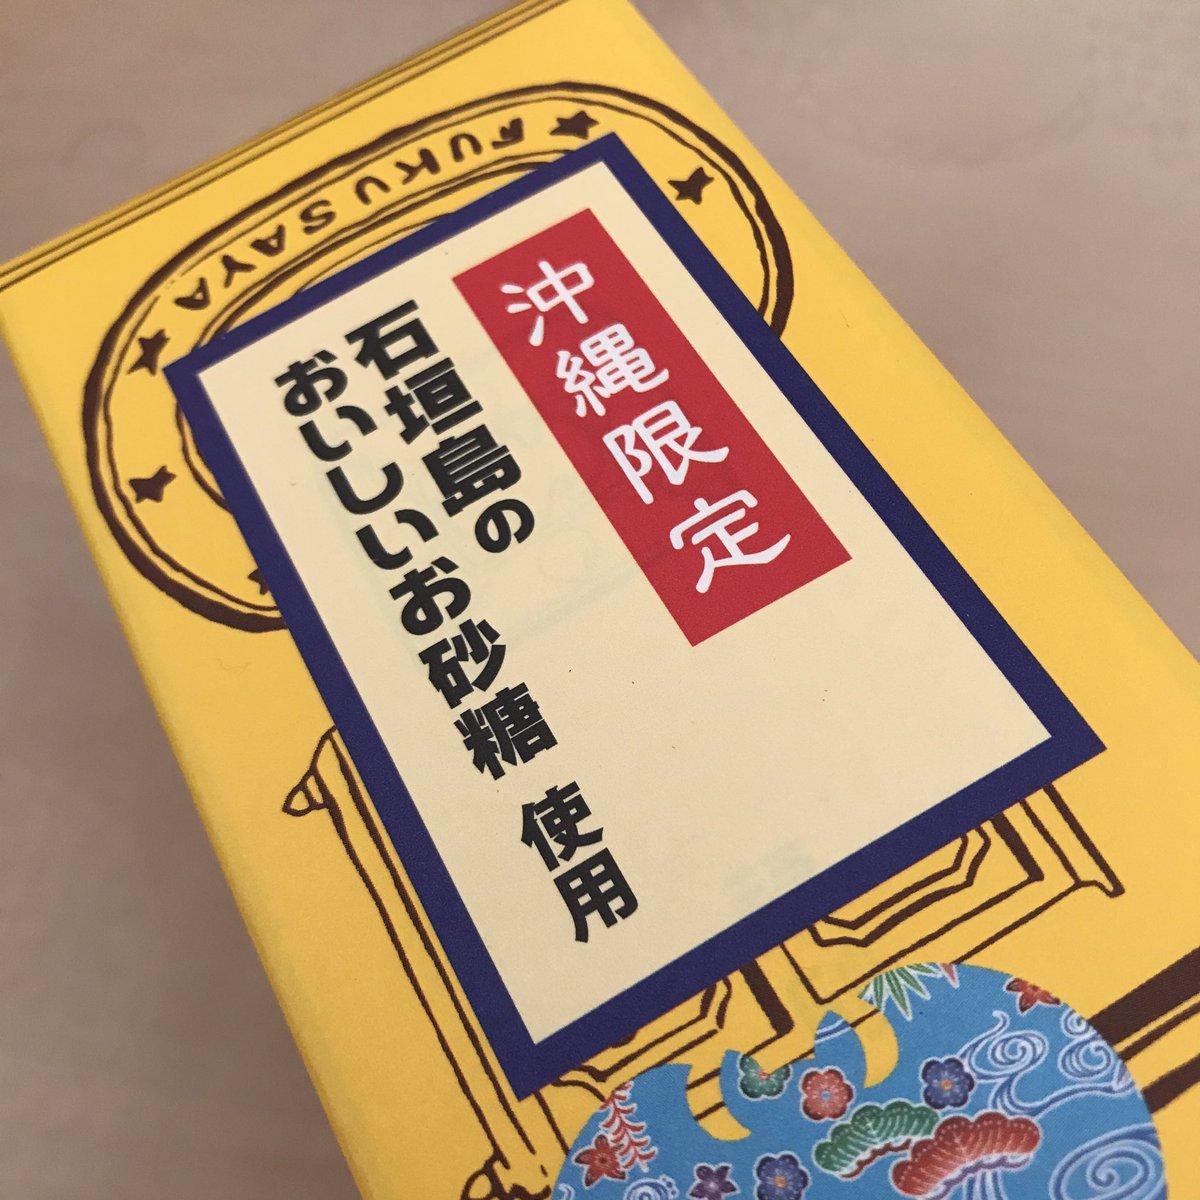 test ツイッターメディア - 福砂屋の沖縄限定カステラ。  味の違いは分からんが福砂屋のカステラは当たり前に美味い!  #福砂屋 #沖縄限定 https://t.co/3aTwQ8lSEJ